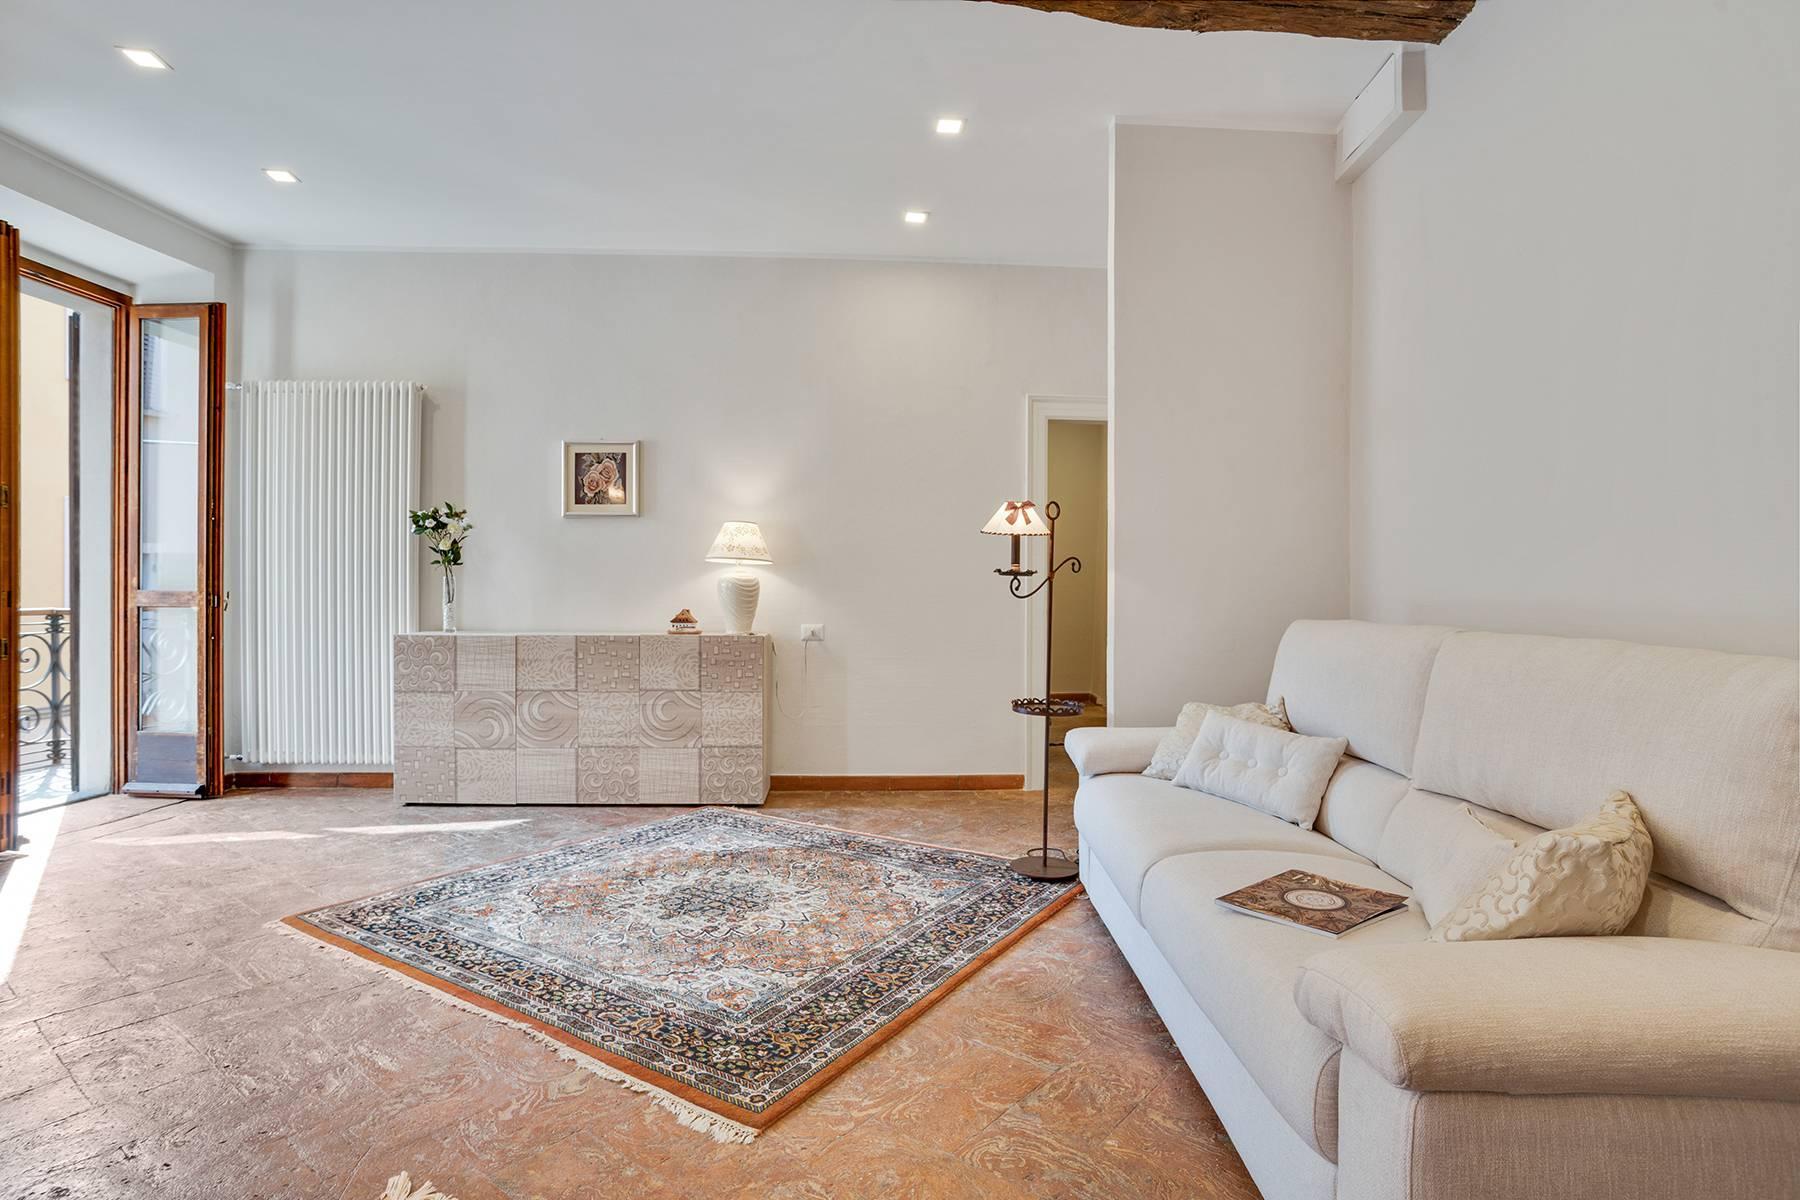 Elegante e soleggiato appartamento nel cuore di Arona - 9